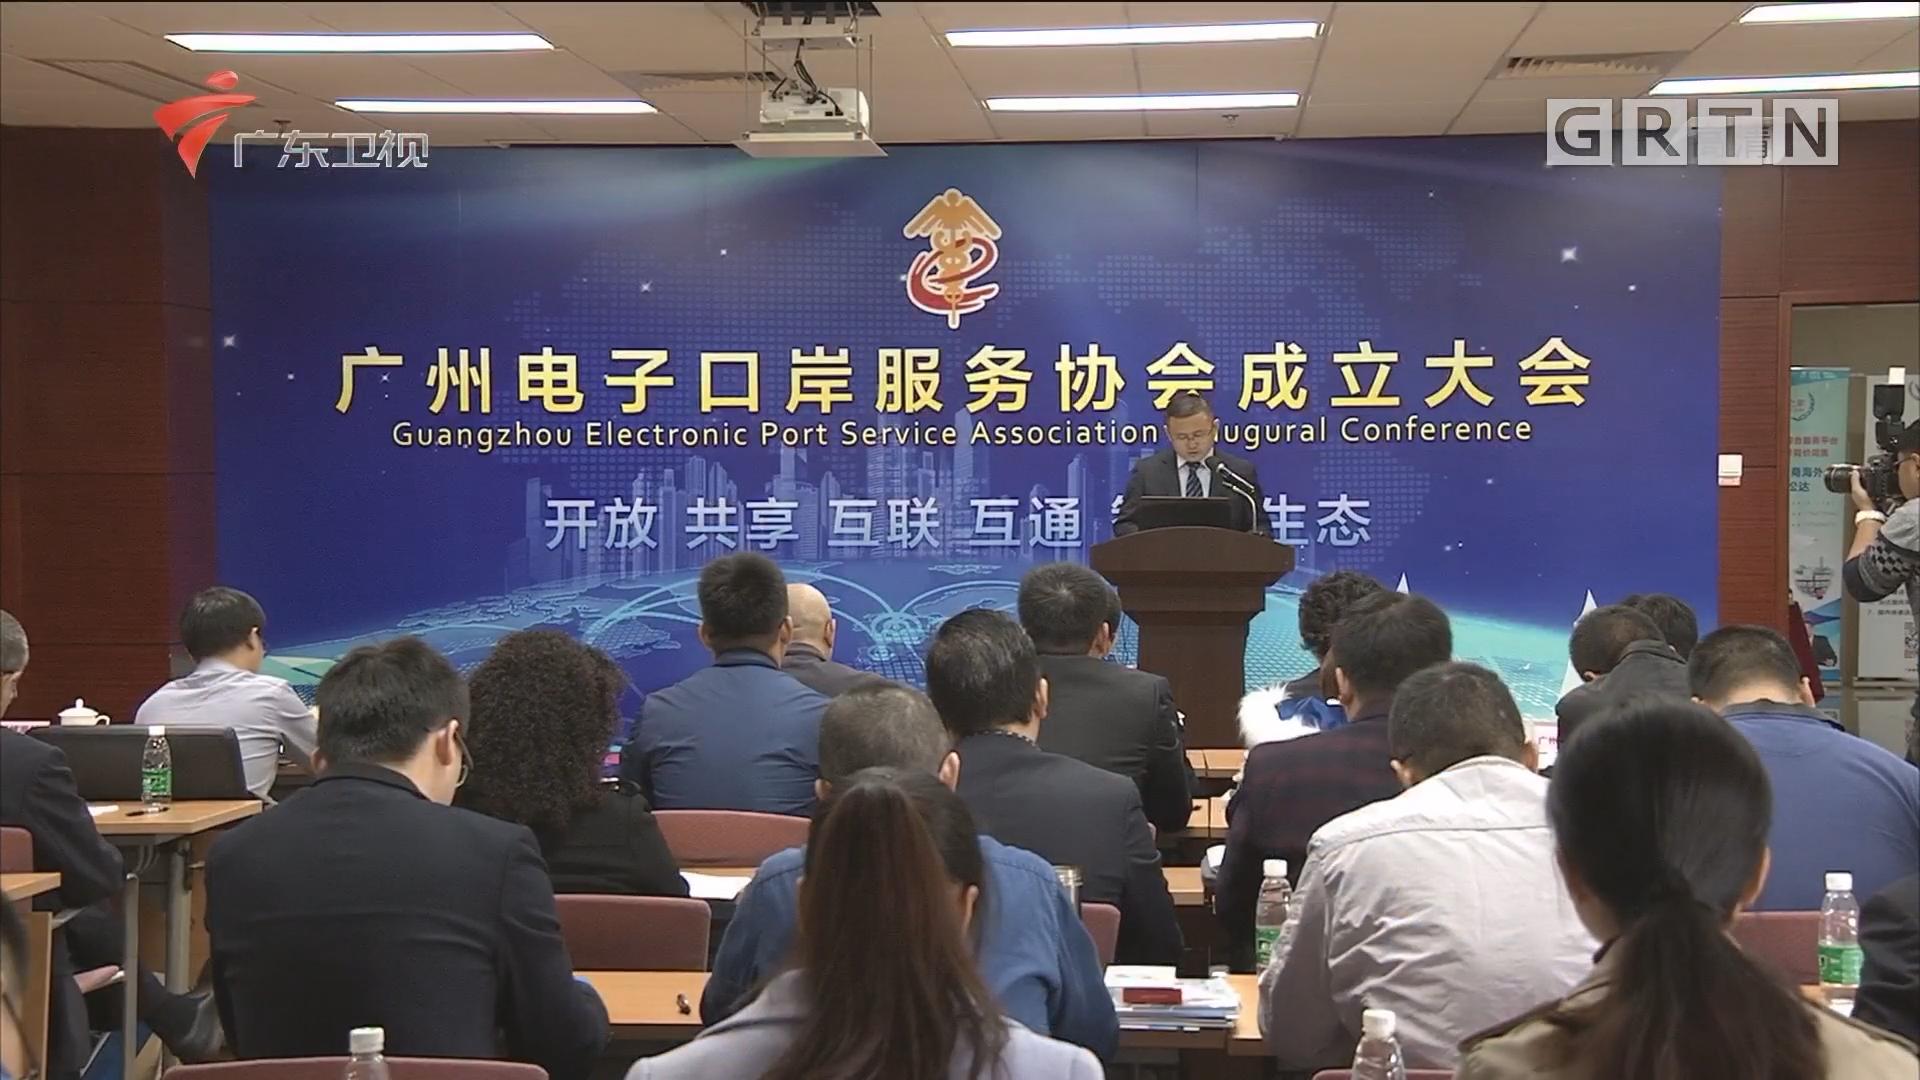 广州电子口岸服务协会成立